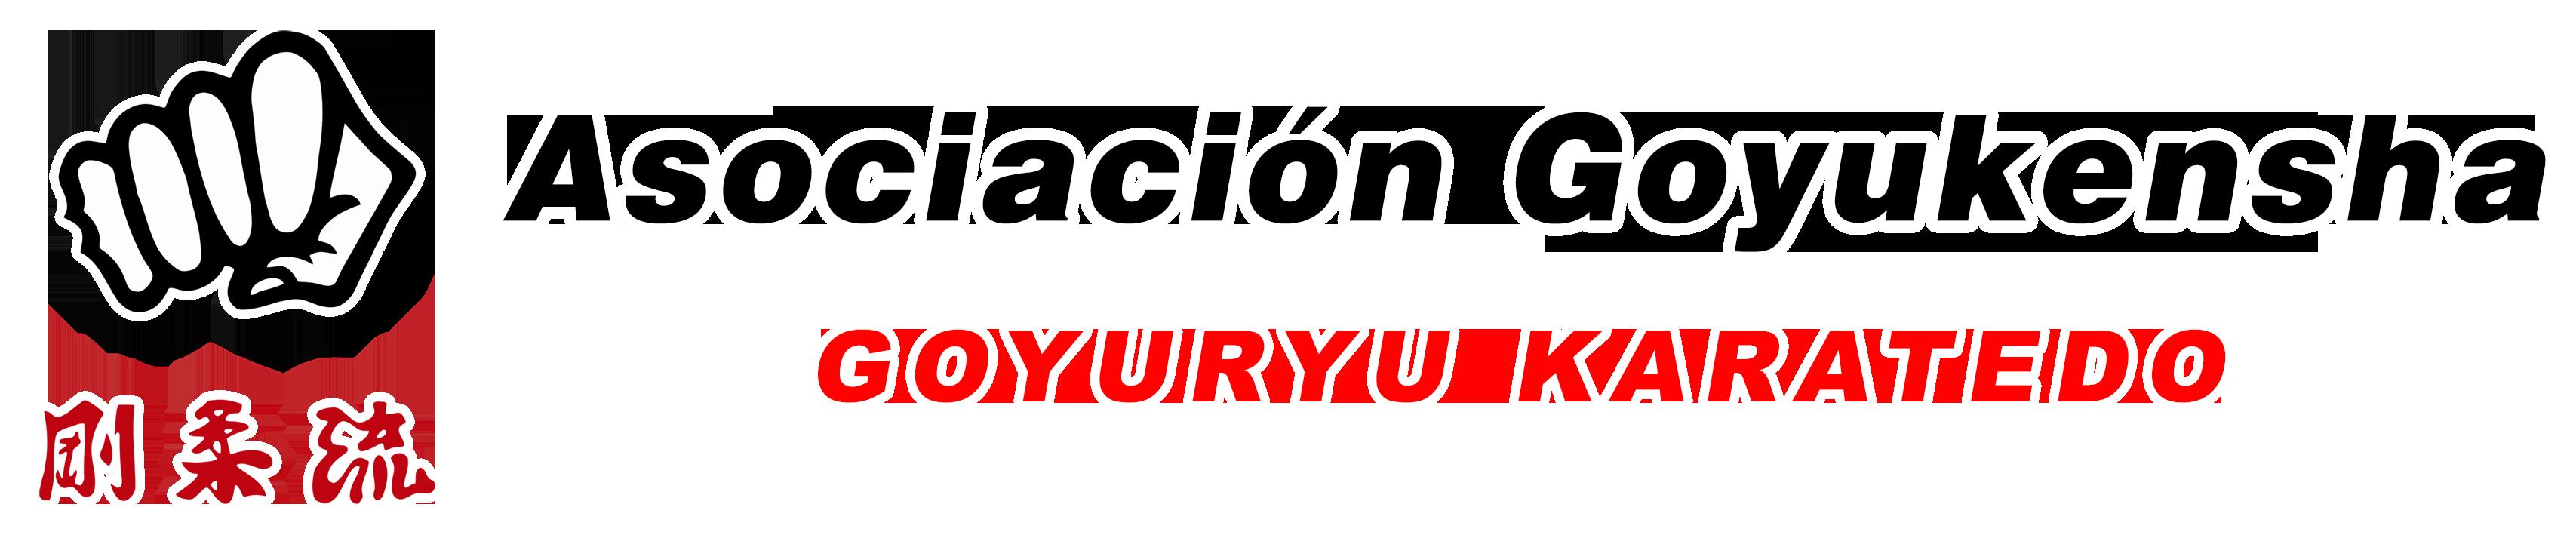 Asociación Goyukensha